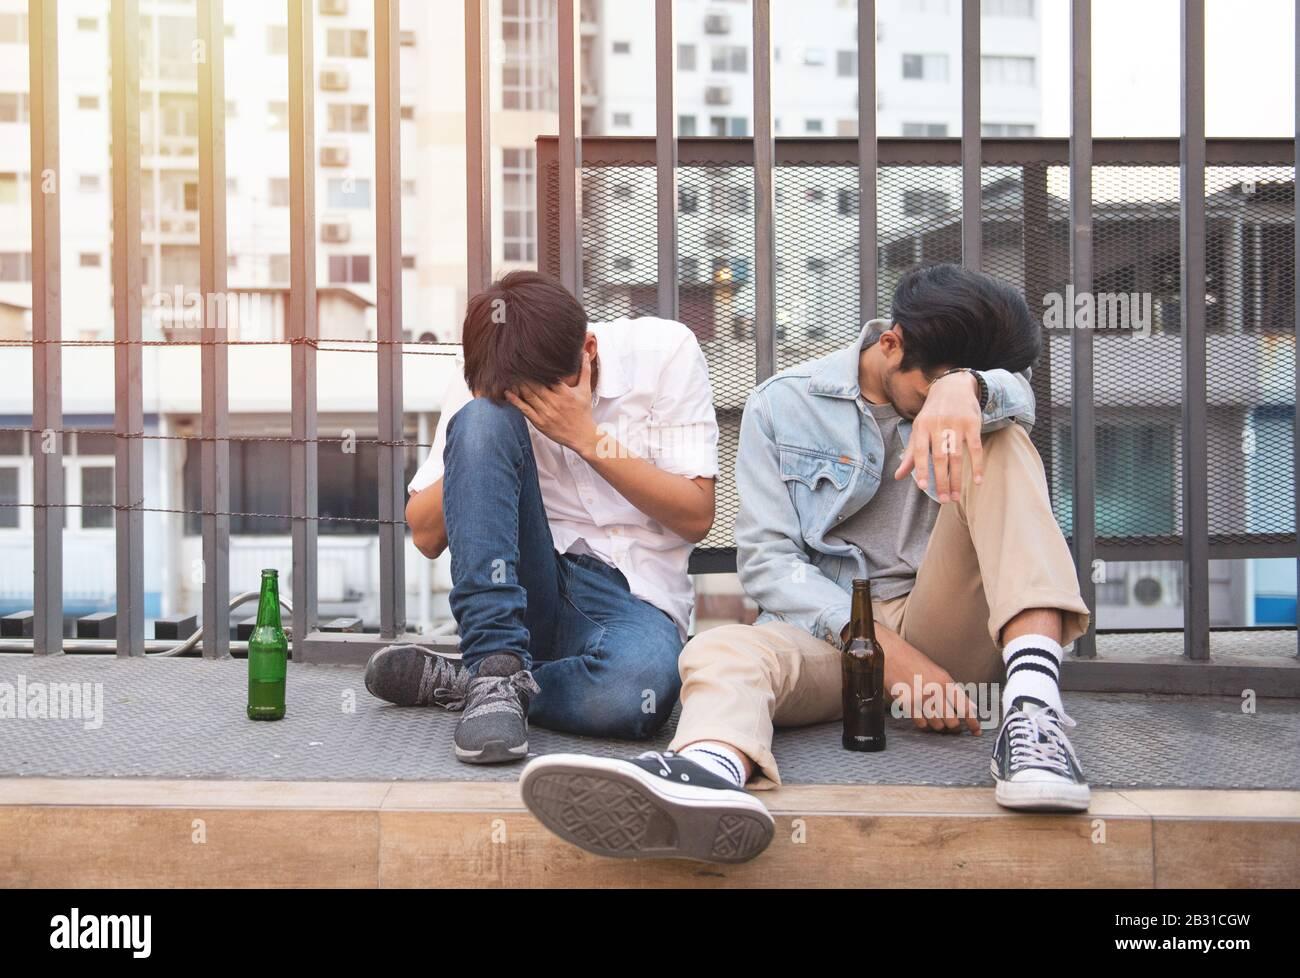 Dos jóvenes bebían y se sentaban a dormir en la calle con una botella de cerveza en infeliz. Foto de stock